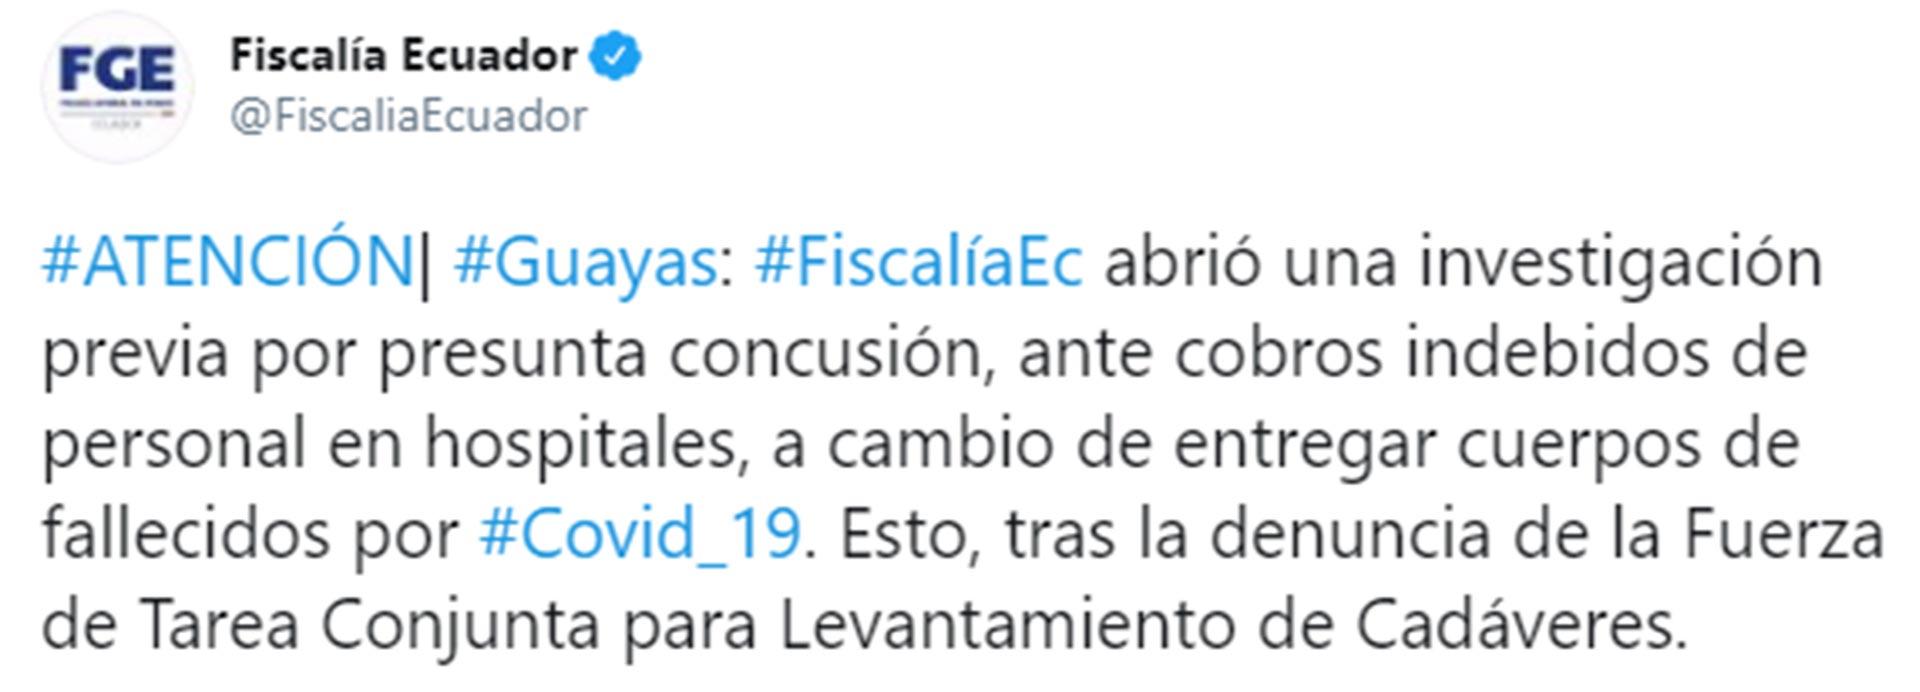 El tuit de la Fiscalía de Ecuador